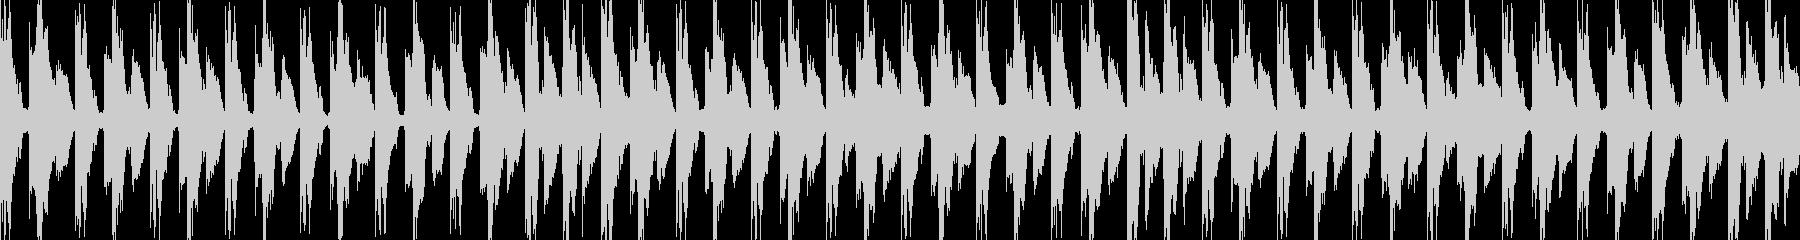 チャートポップ、ハウス/テクノ、ダ...の未再生の波形